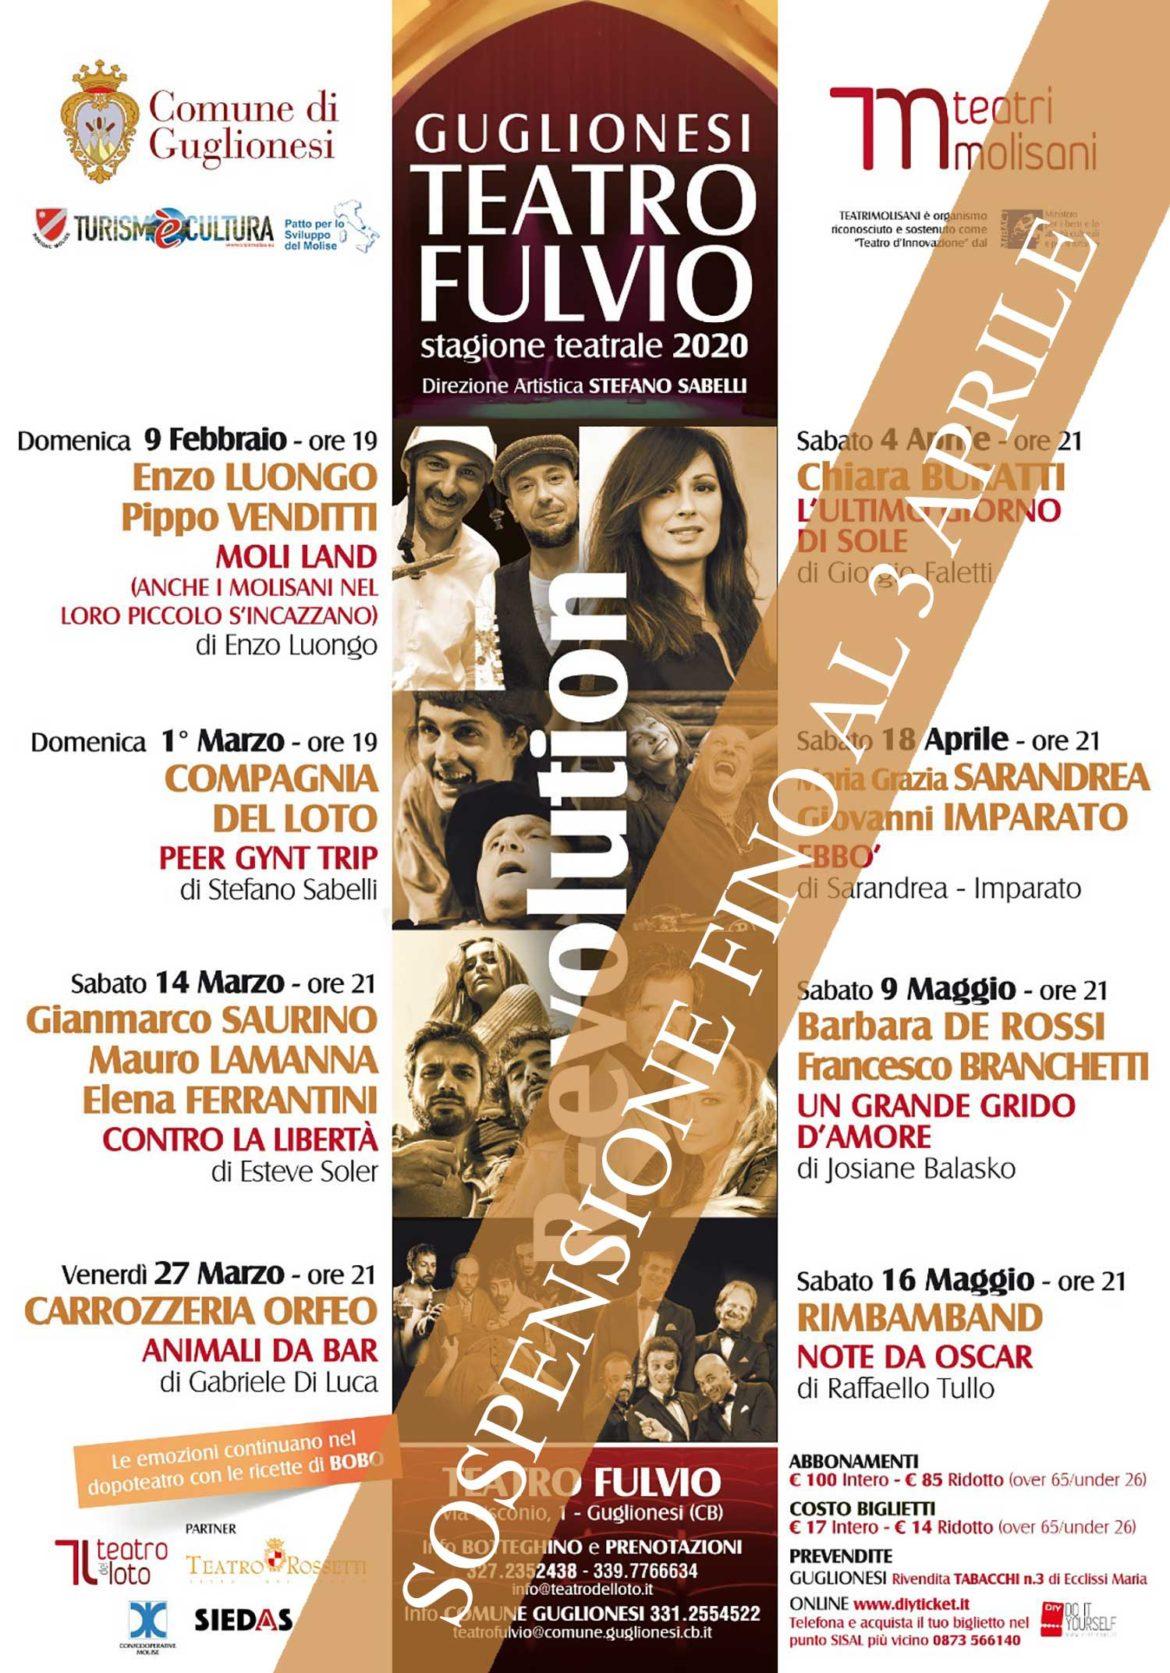 La stagione teatrale 2020 del Teatro Fulvio di Guglionesi: programma completo